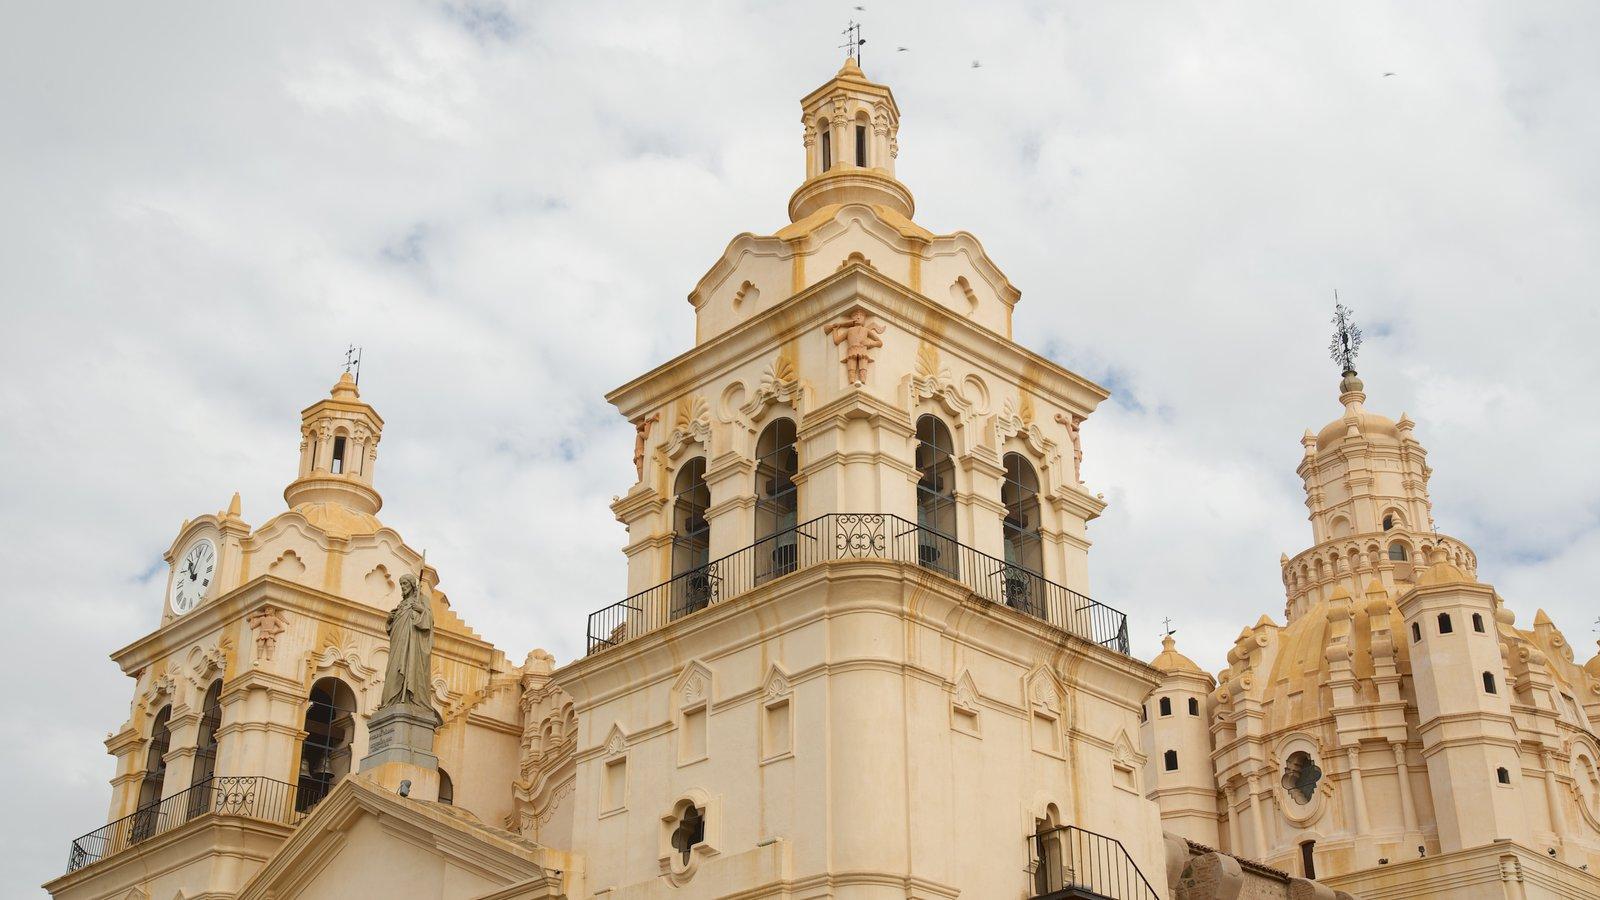 Catedral de Cordoba mostrando arquitetura de patrimônio, uma igreja ou catedral e elementos religiosos